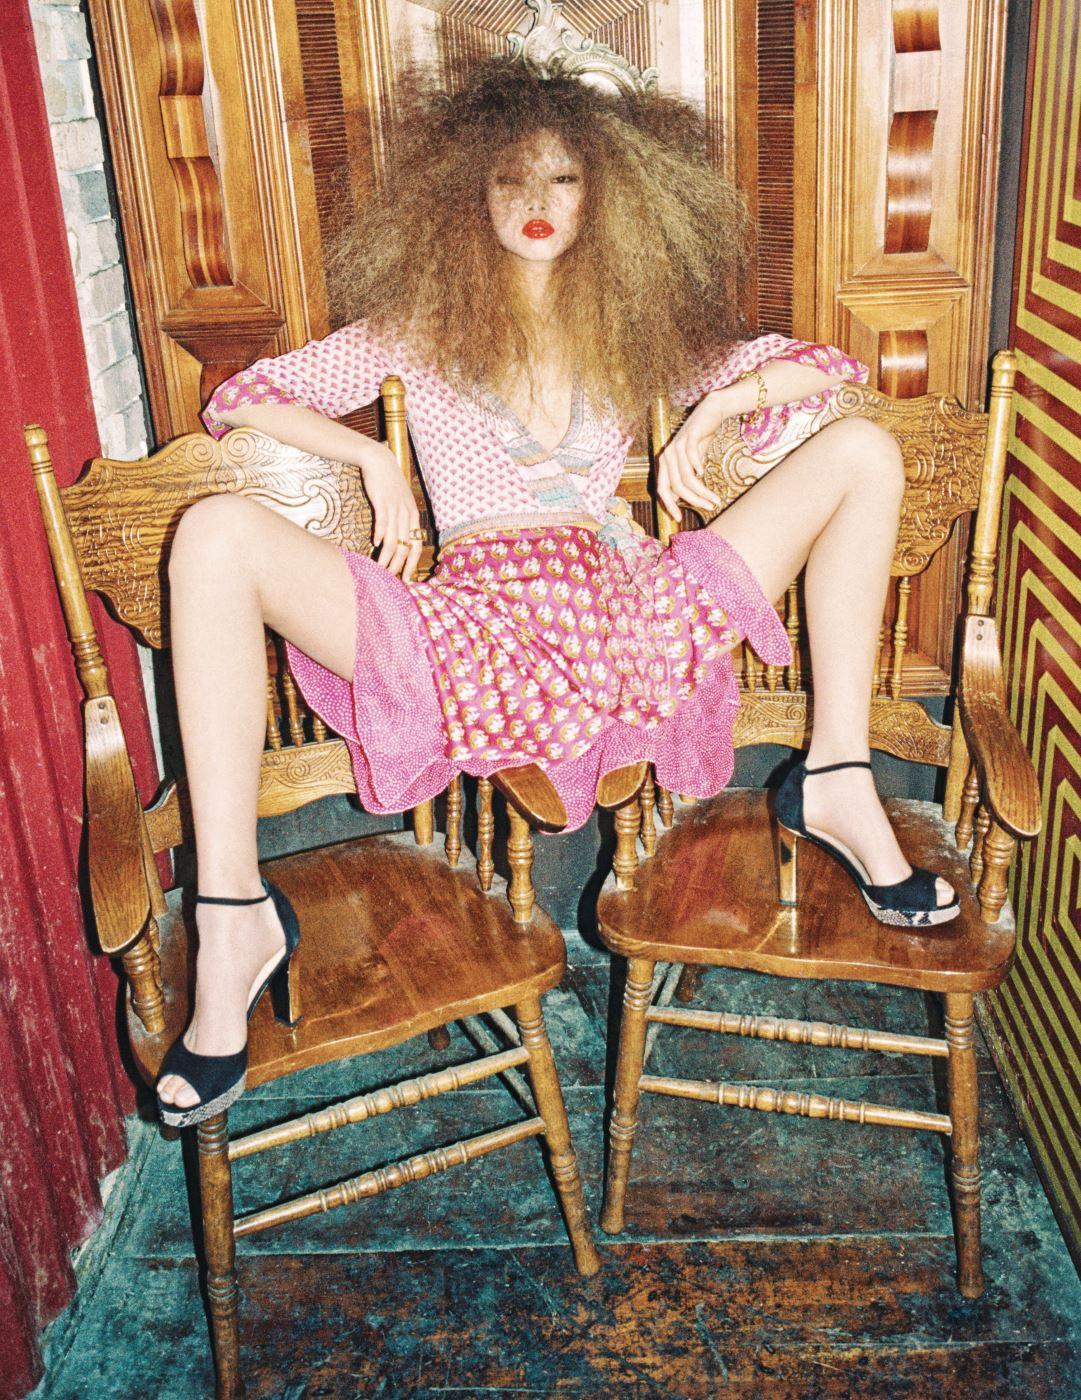 소매와 밑단이 나풀거리는 핑크빛 랩 드레스, 스트랩 슈즈, 팔찌와 반지는 모두 DVF 제품.